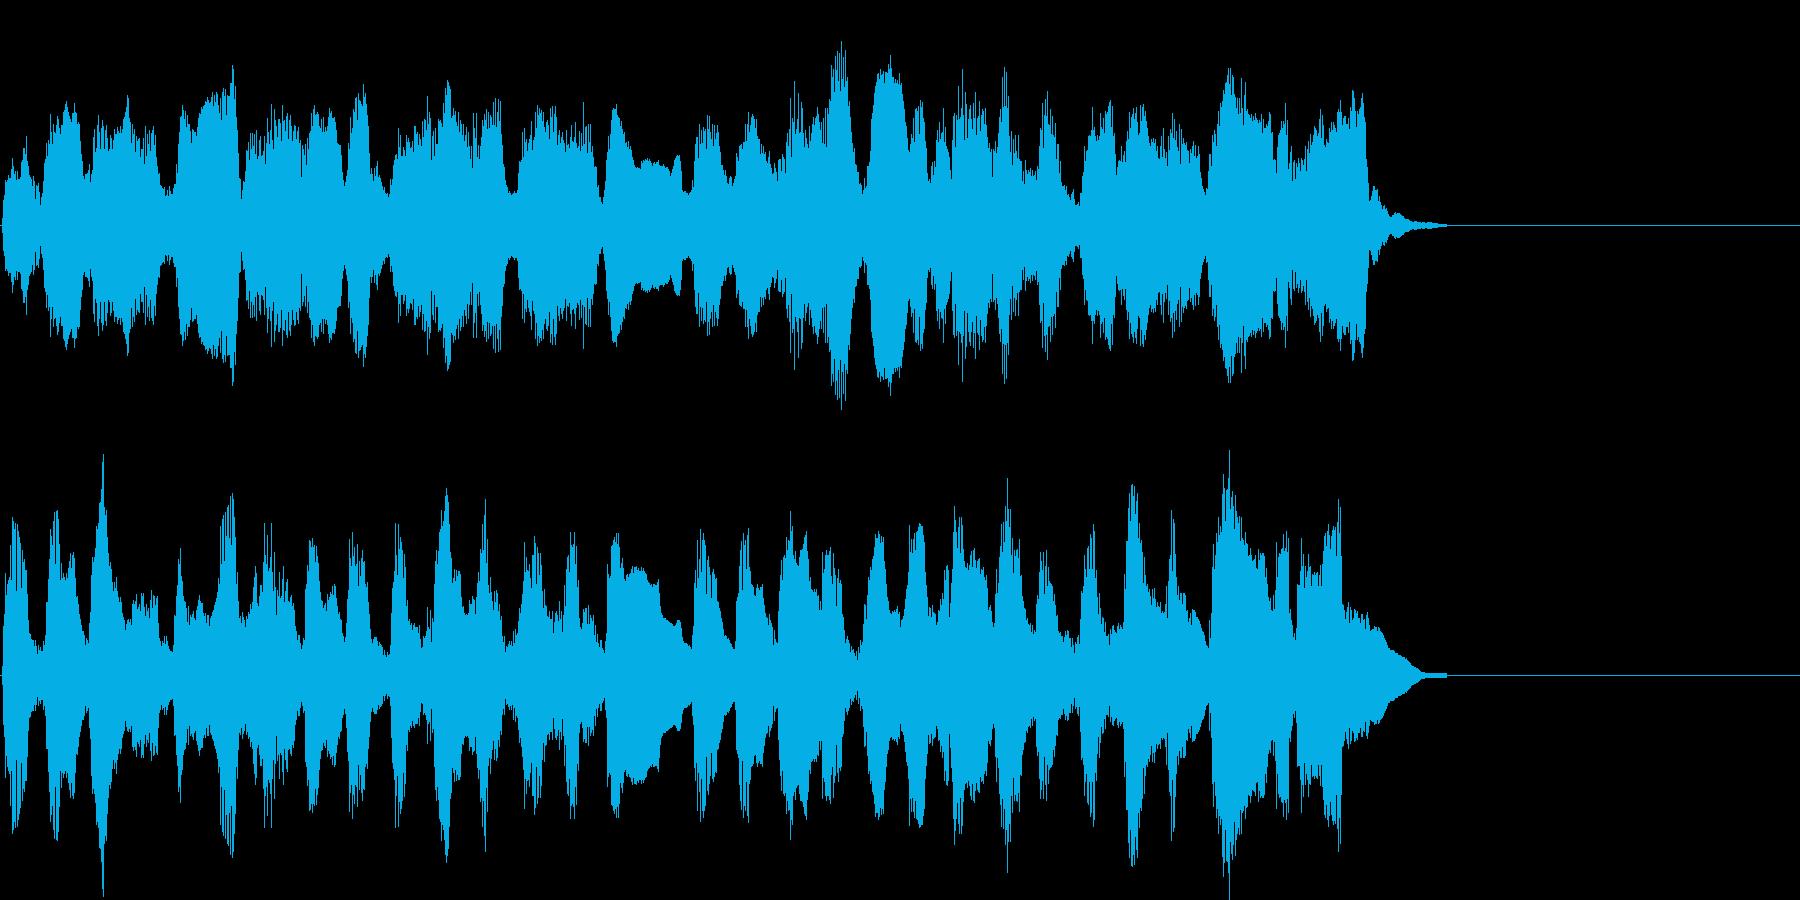 懐かしくてのどかなアレンジのクラシックの再生済みの波形